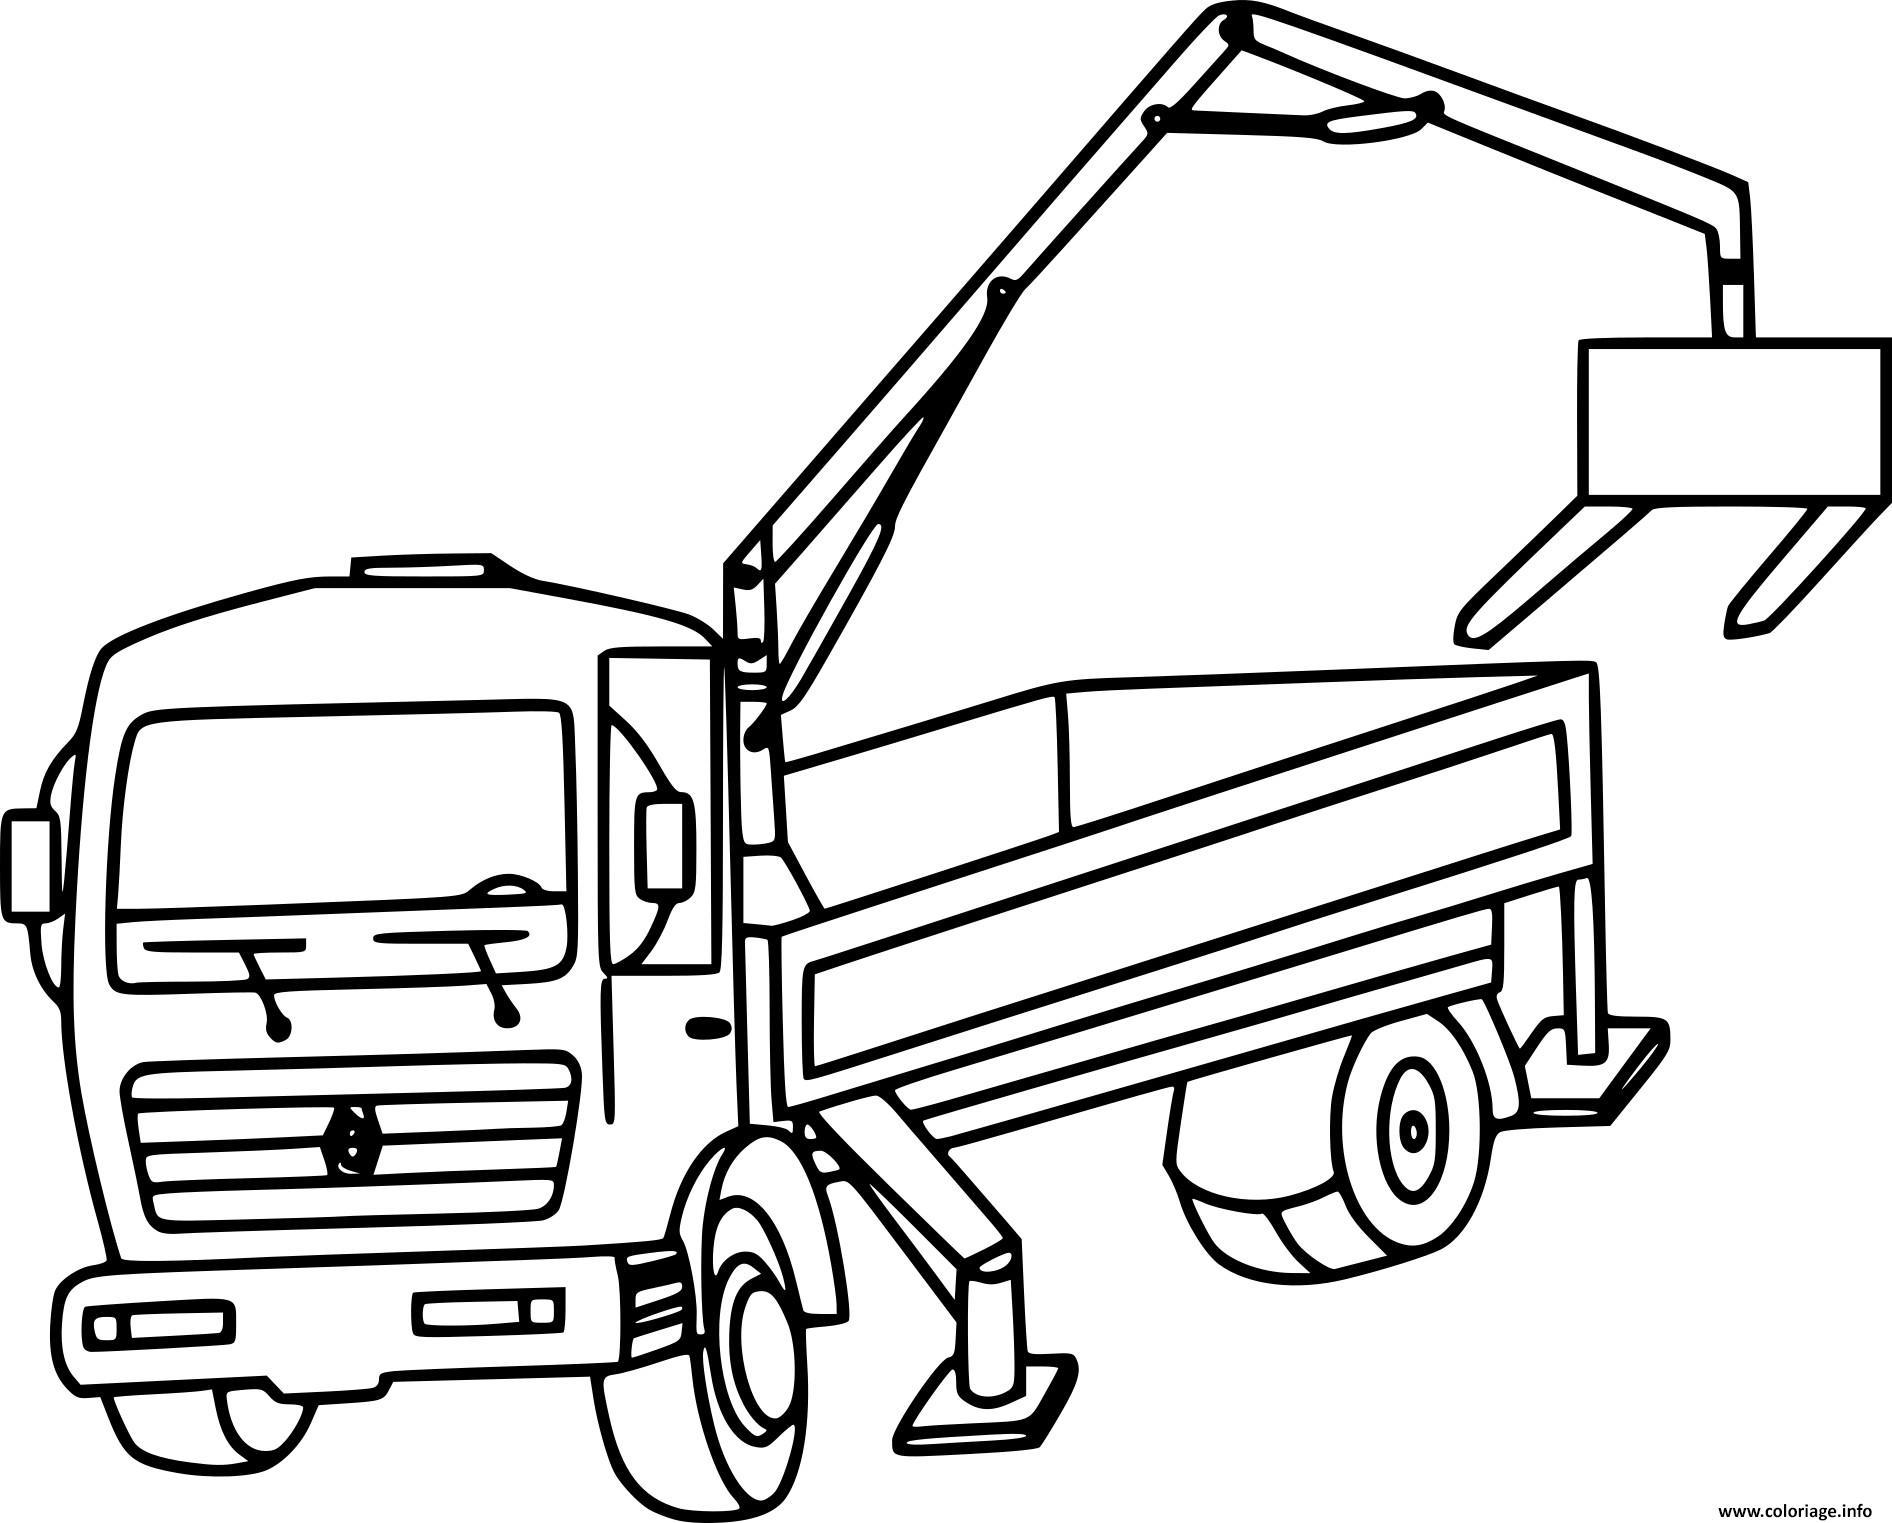 Coloriage Camion Grue Appareil De Levage Dessin Camion A Imprimer